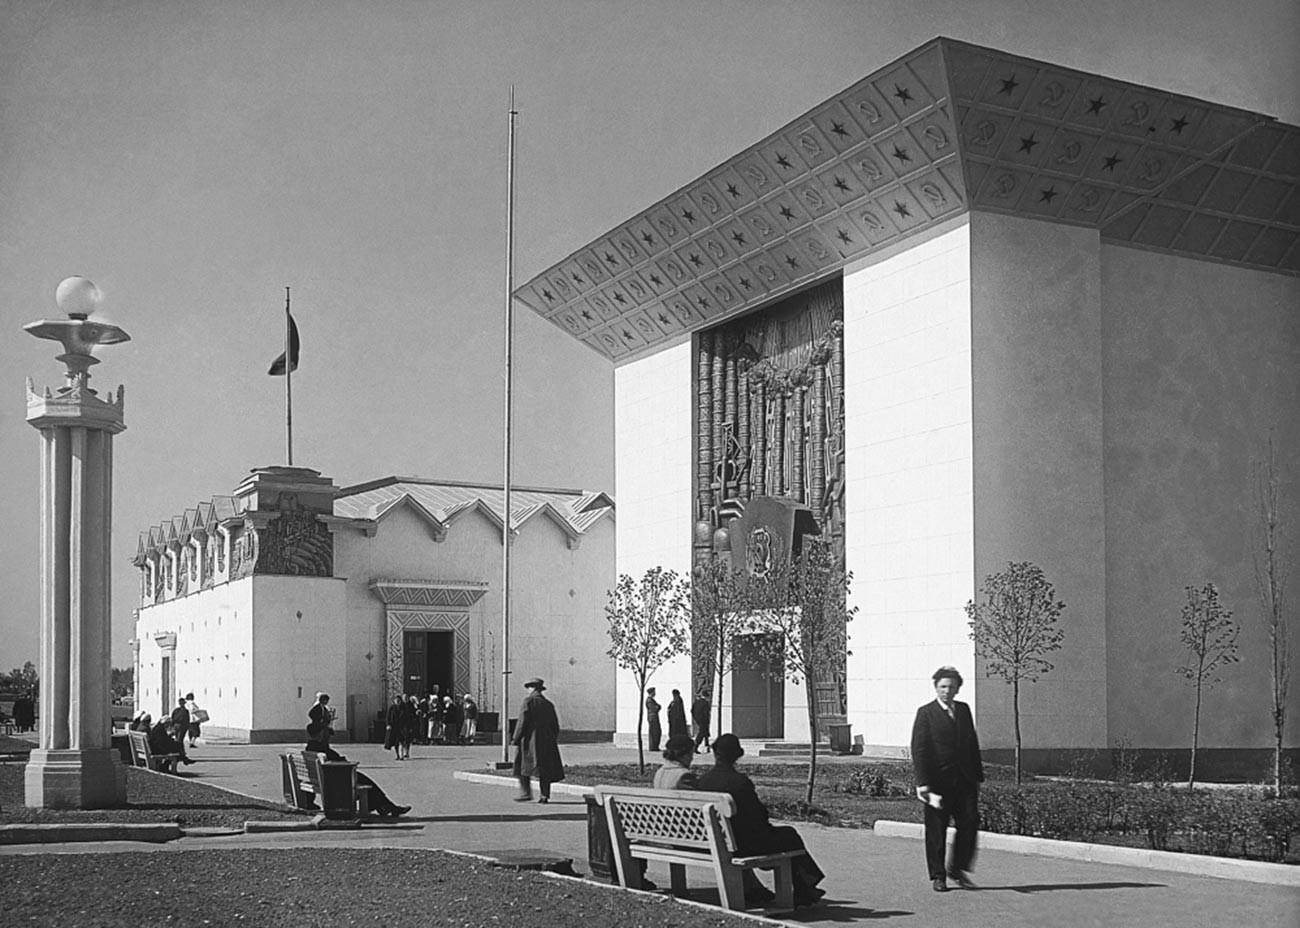 Naum Granovskij. VsKhv (Esposizione agricola dell'Unione); oggi VdnKh (Esposizione delle conquiste dell'economia nazionale). Padiglione delle regioni centrali della Rsfsr (Repubblica Socialista Federativa Sovietica Russa), foto del 1939